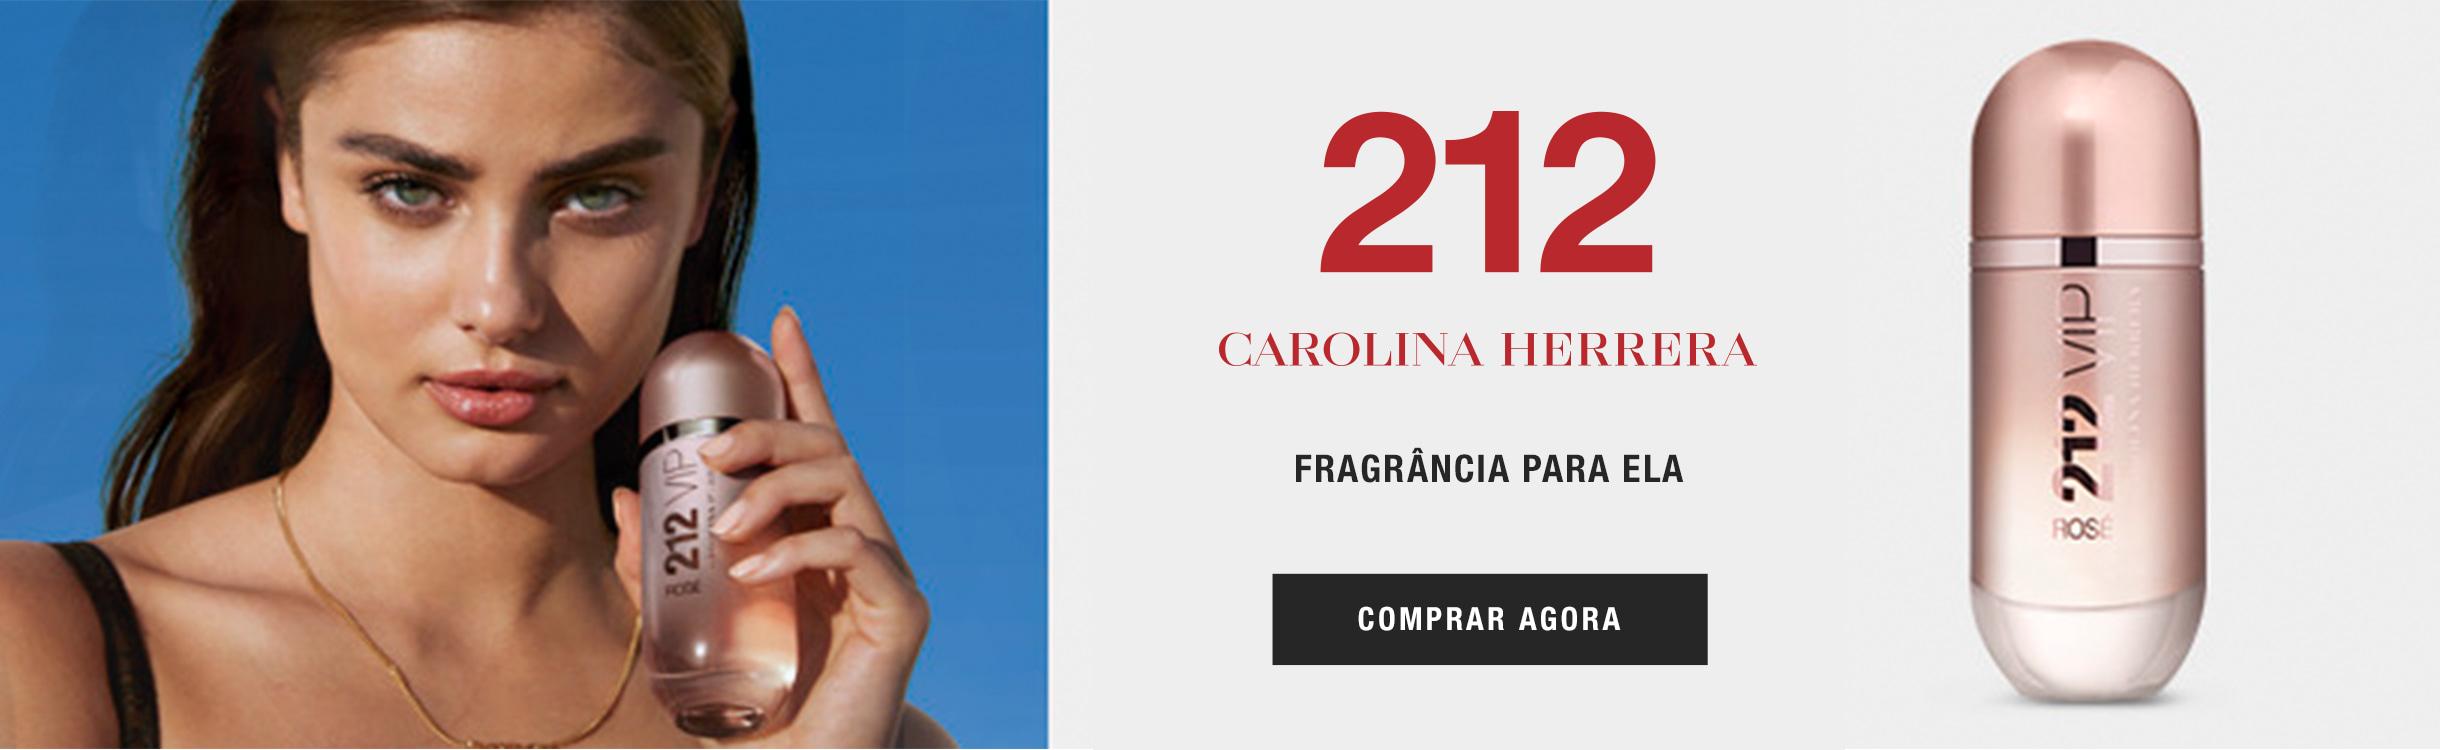 Carolina herrera/Perfumes e Perfumaria/Feminino/Body spray